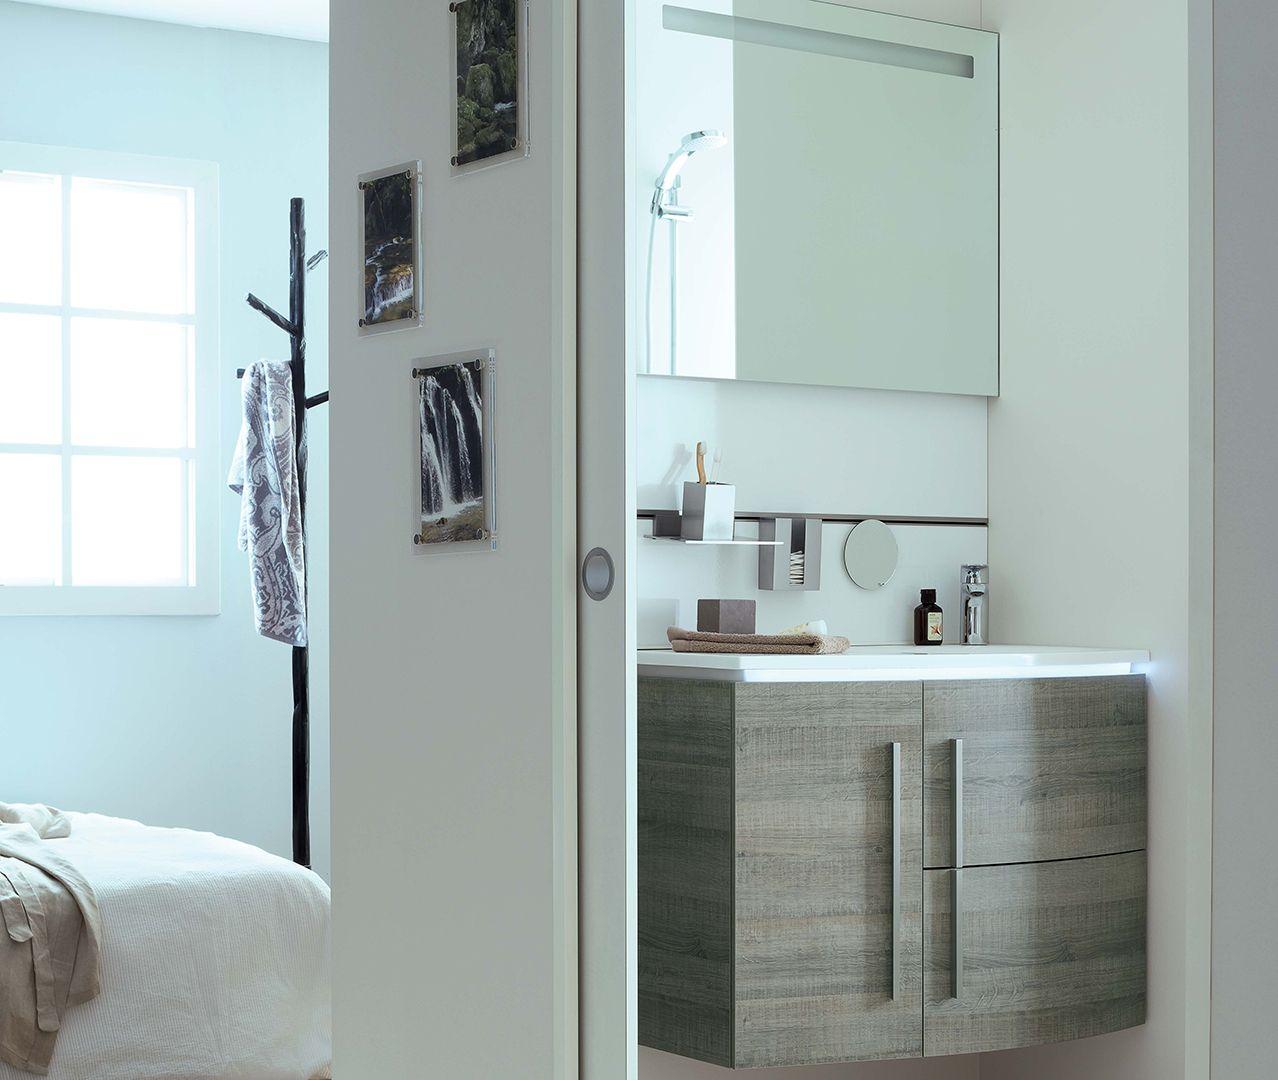 meuble vasque pour petite salle de bain cool meuble pour vasque salle de bain ikea with meuble. Black Bedroom Furniture Sets. Home Design Ideas